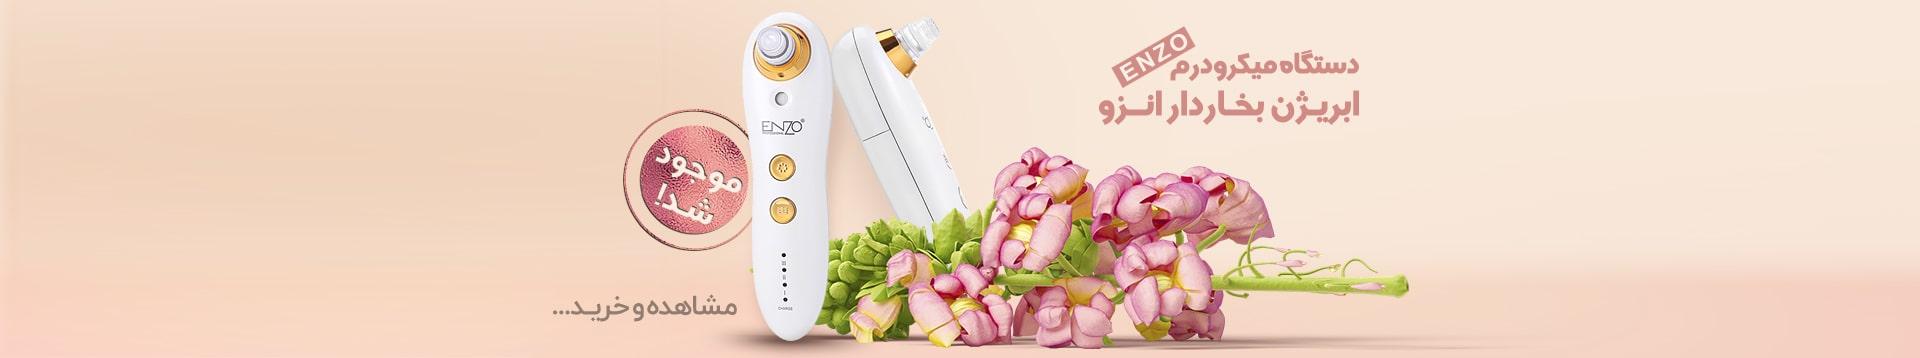 دستگاه میکرودرم بخاردار ابریژن انزو Enzo